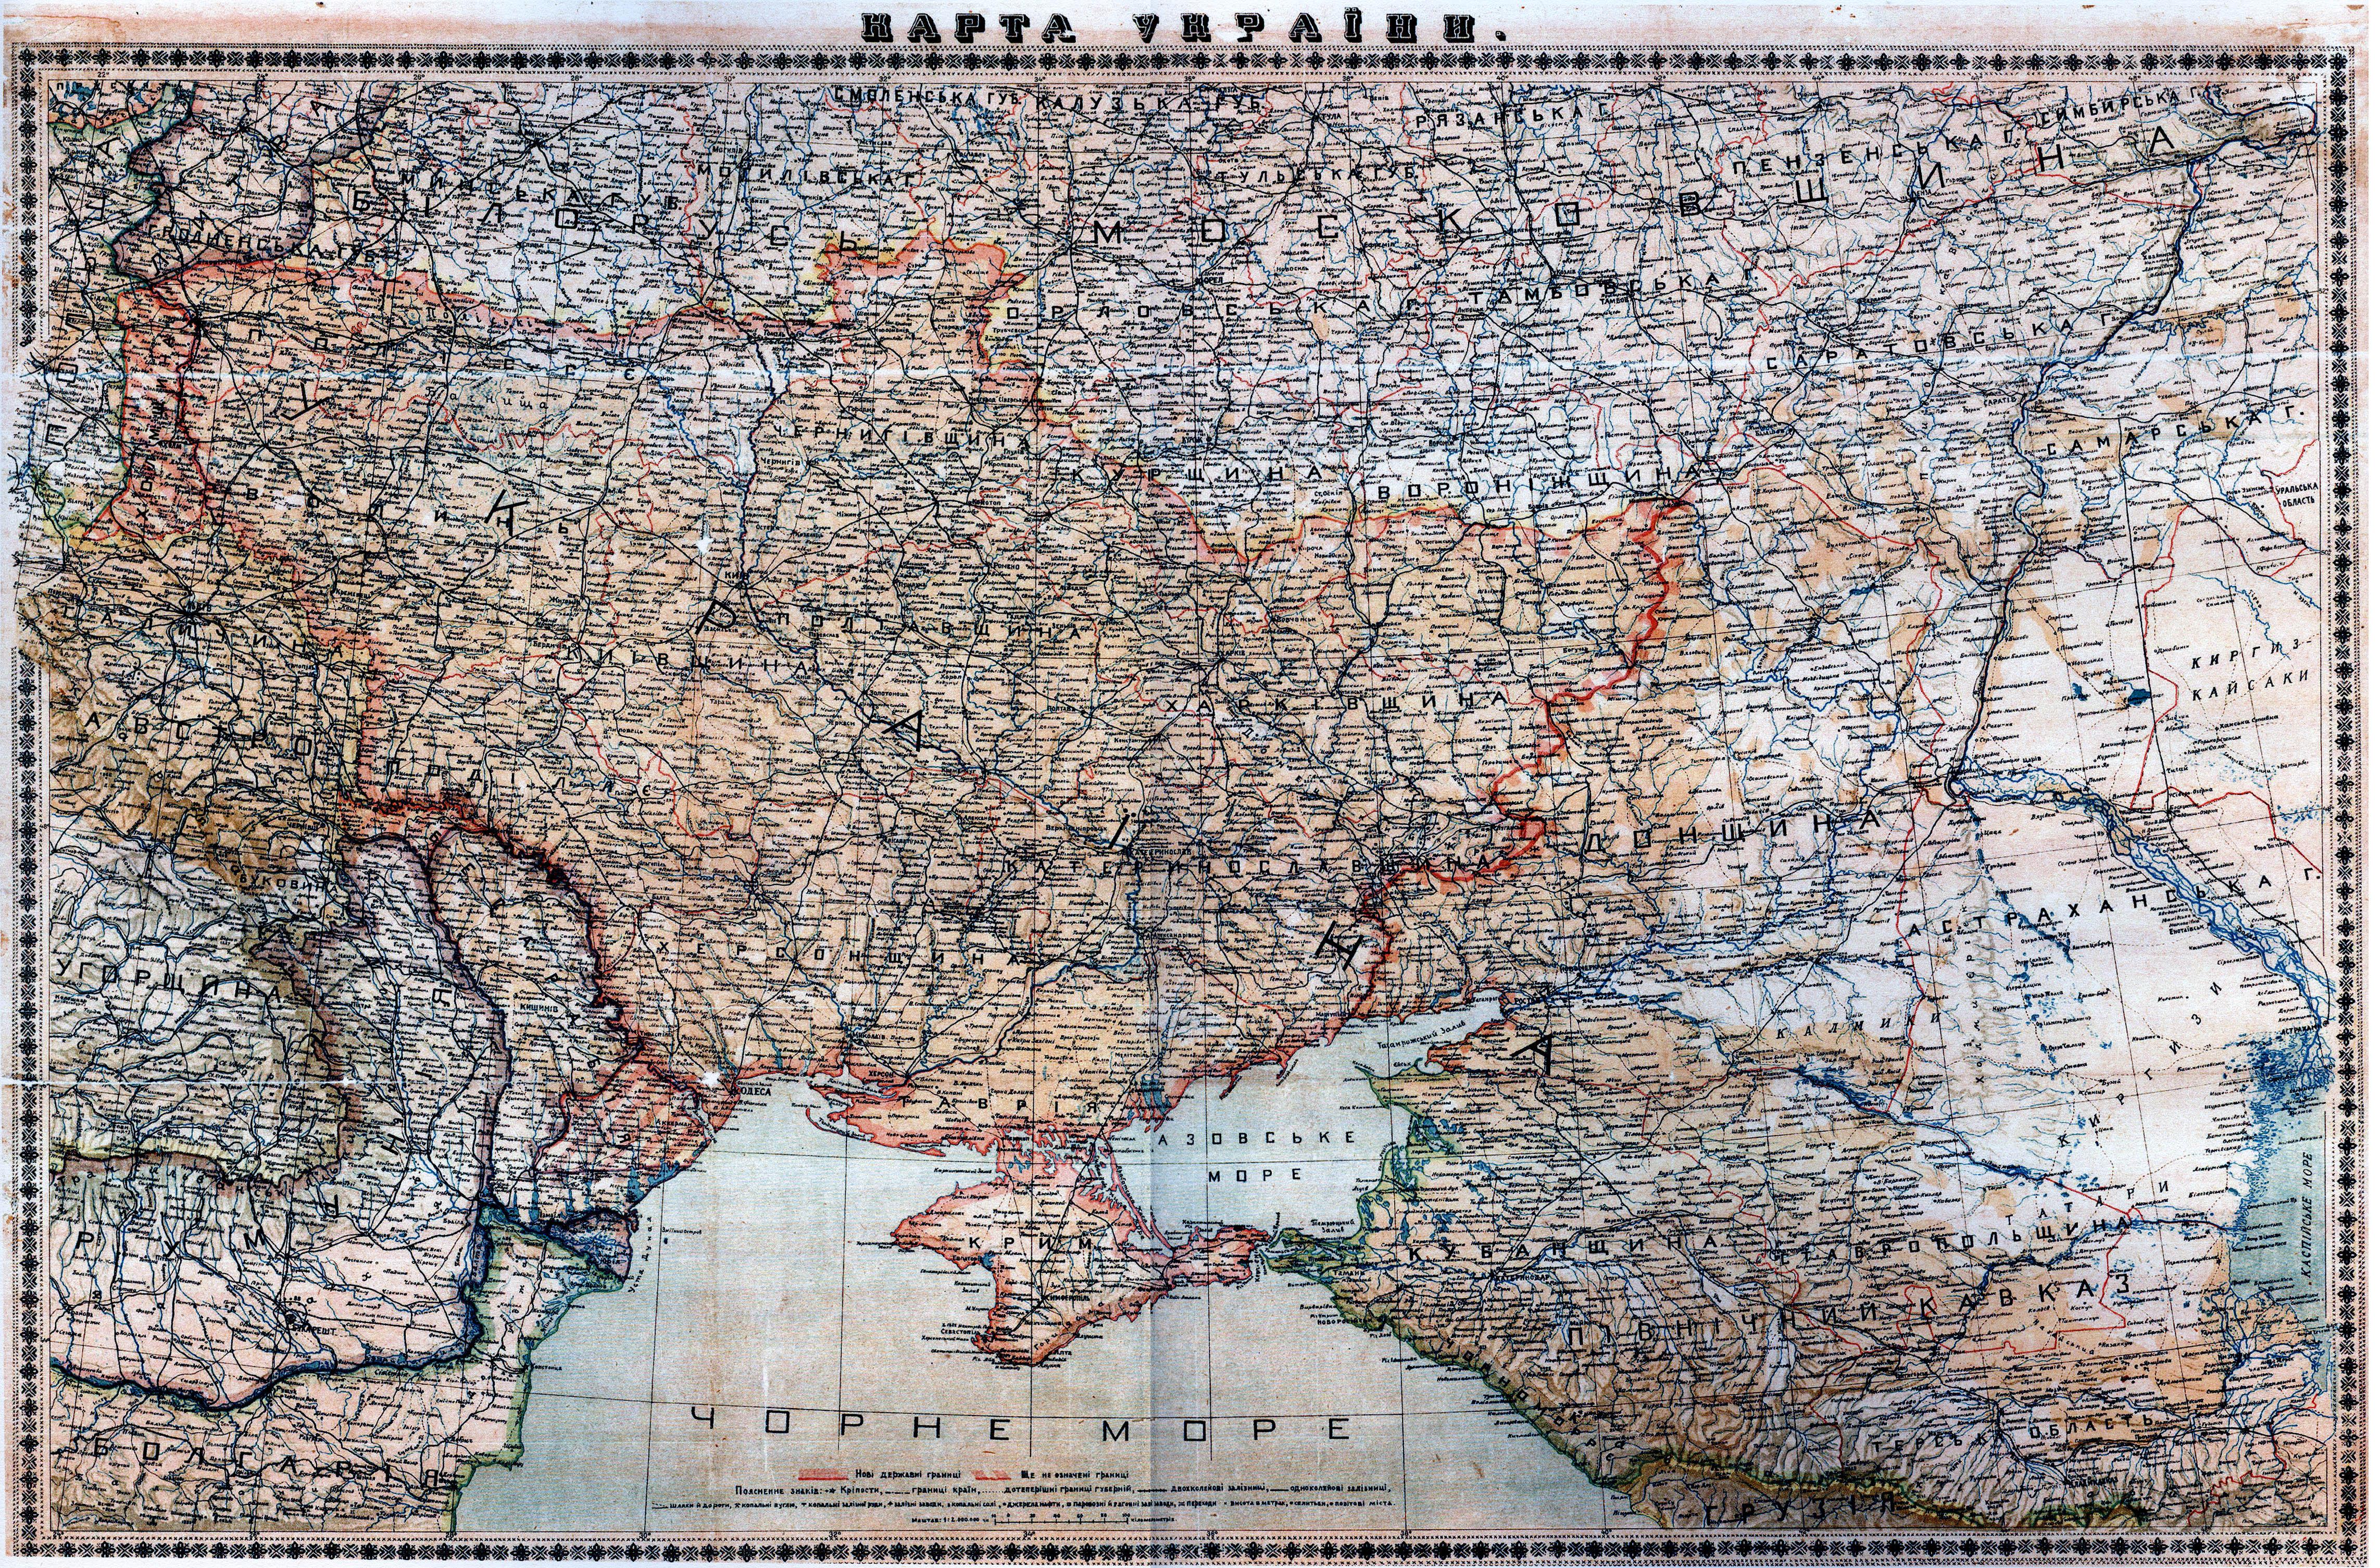 Карта України. Відень, 1918